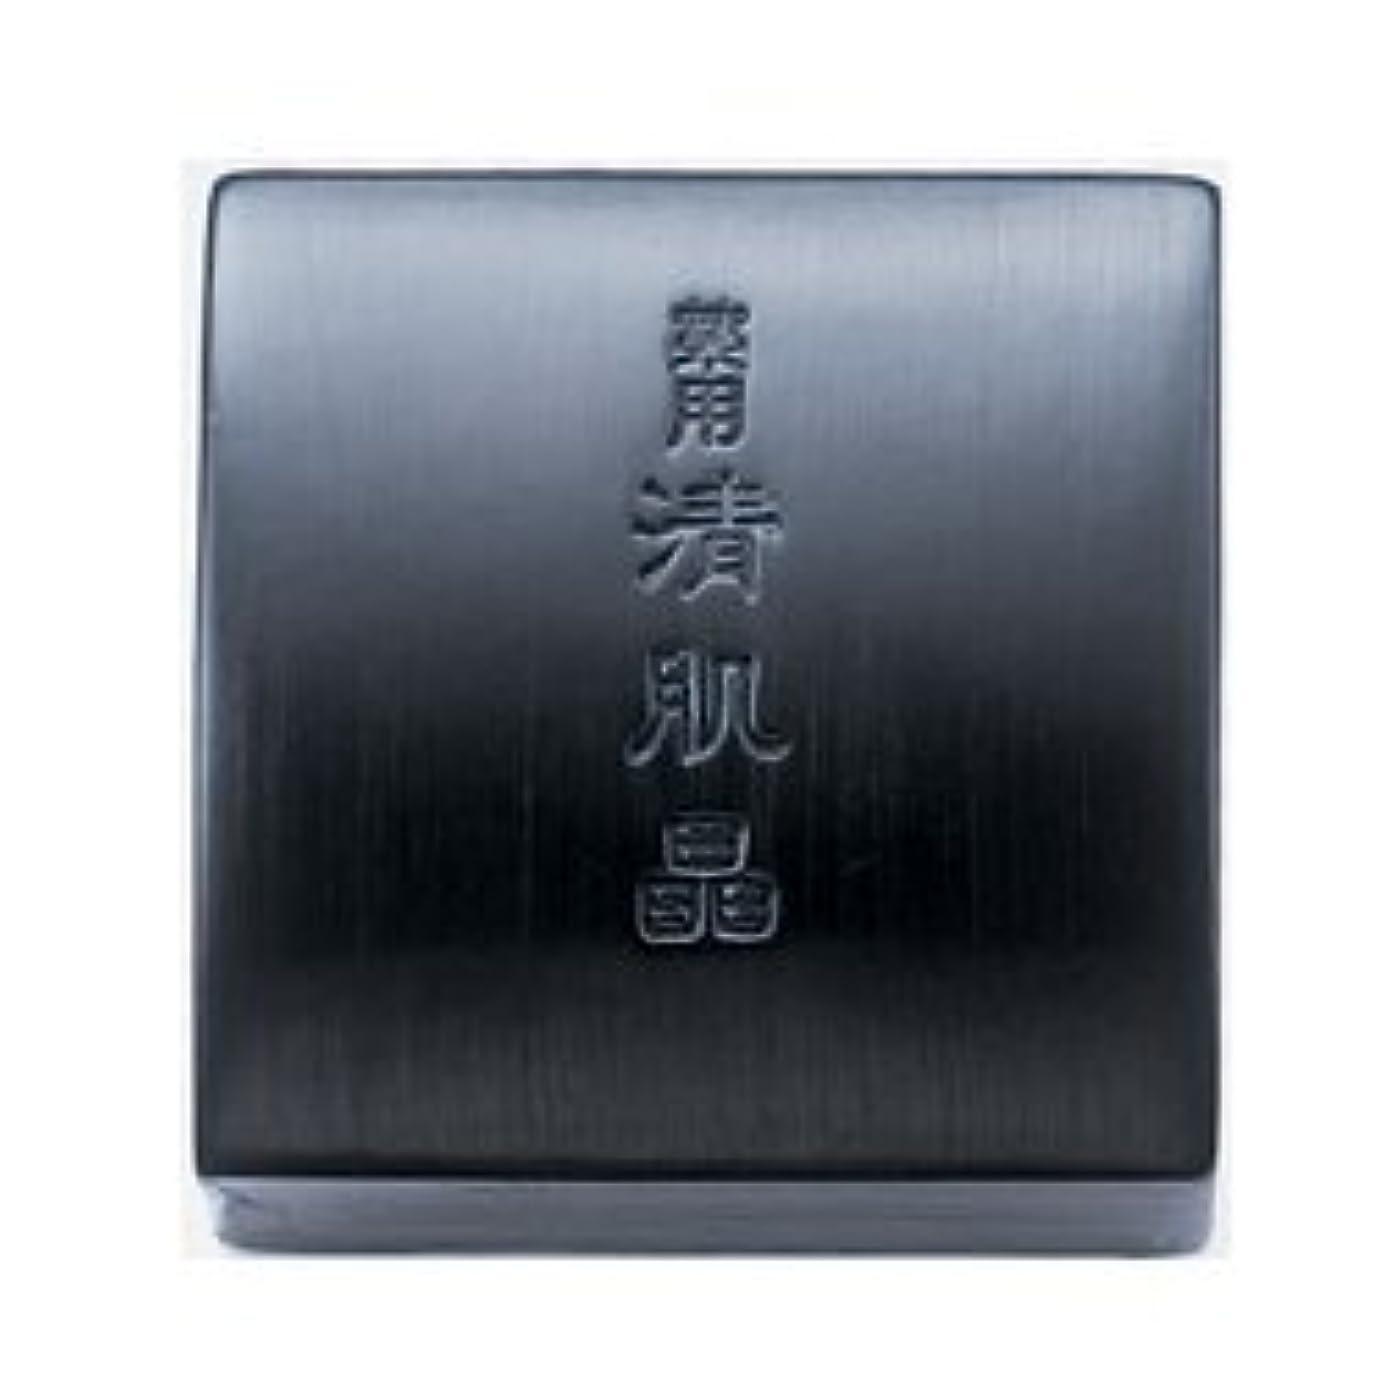 アブストラクト変化する効率的にコーセー薬用 清肌晶120g(ケース付き)